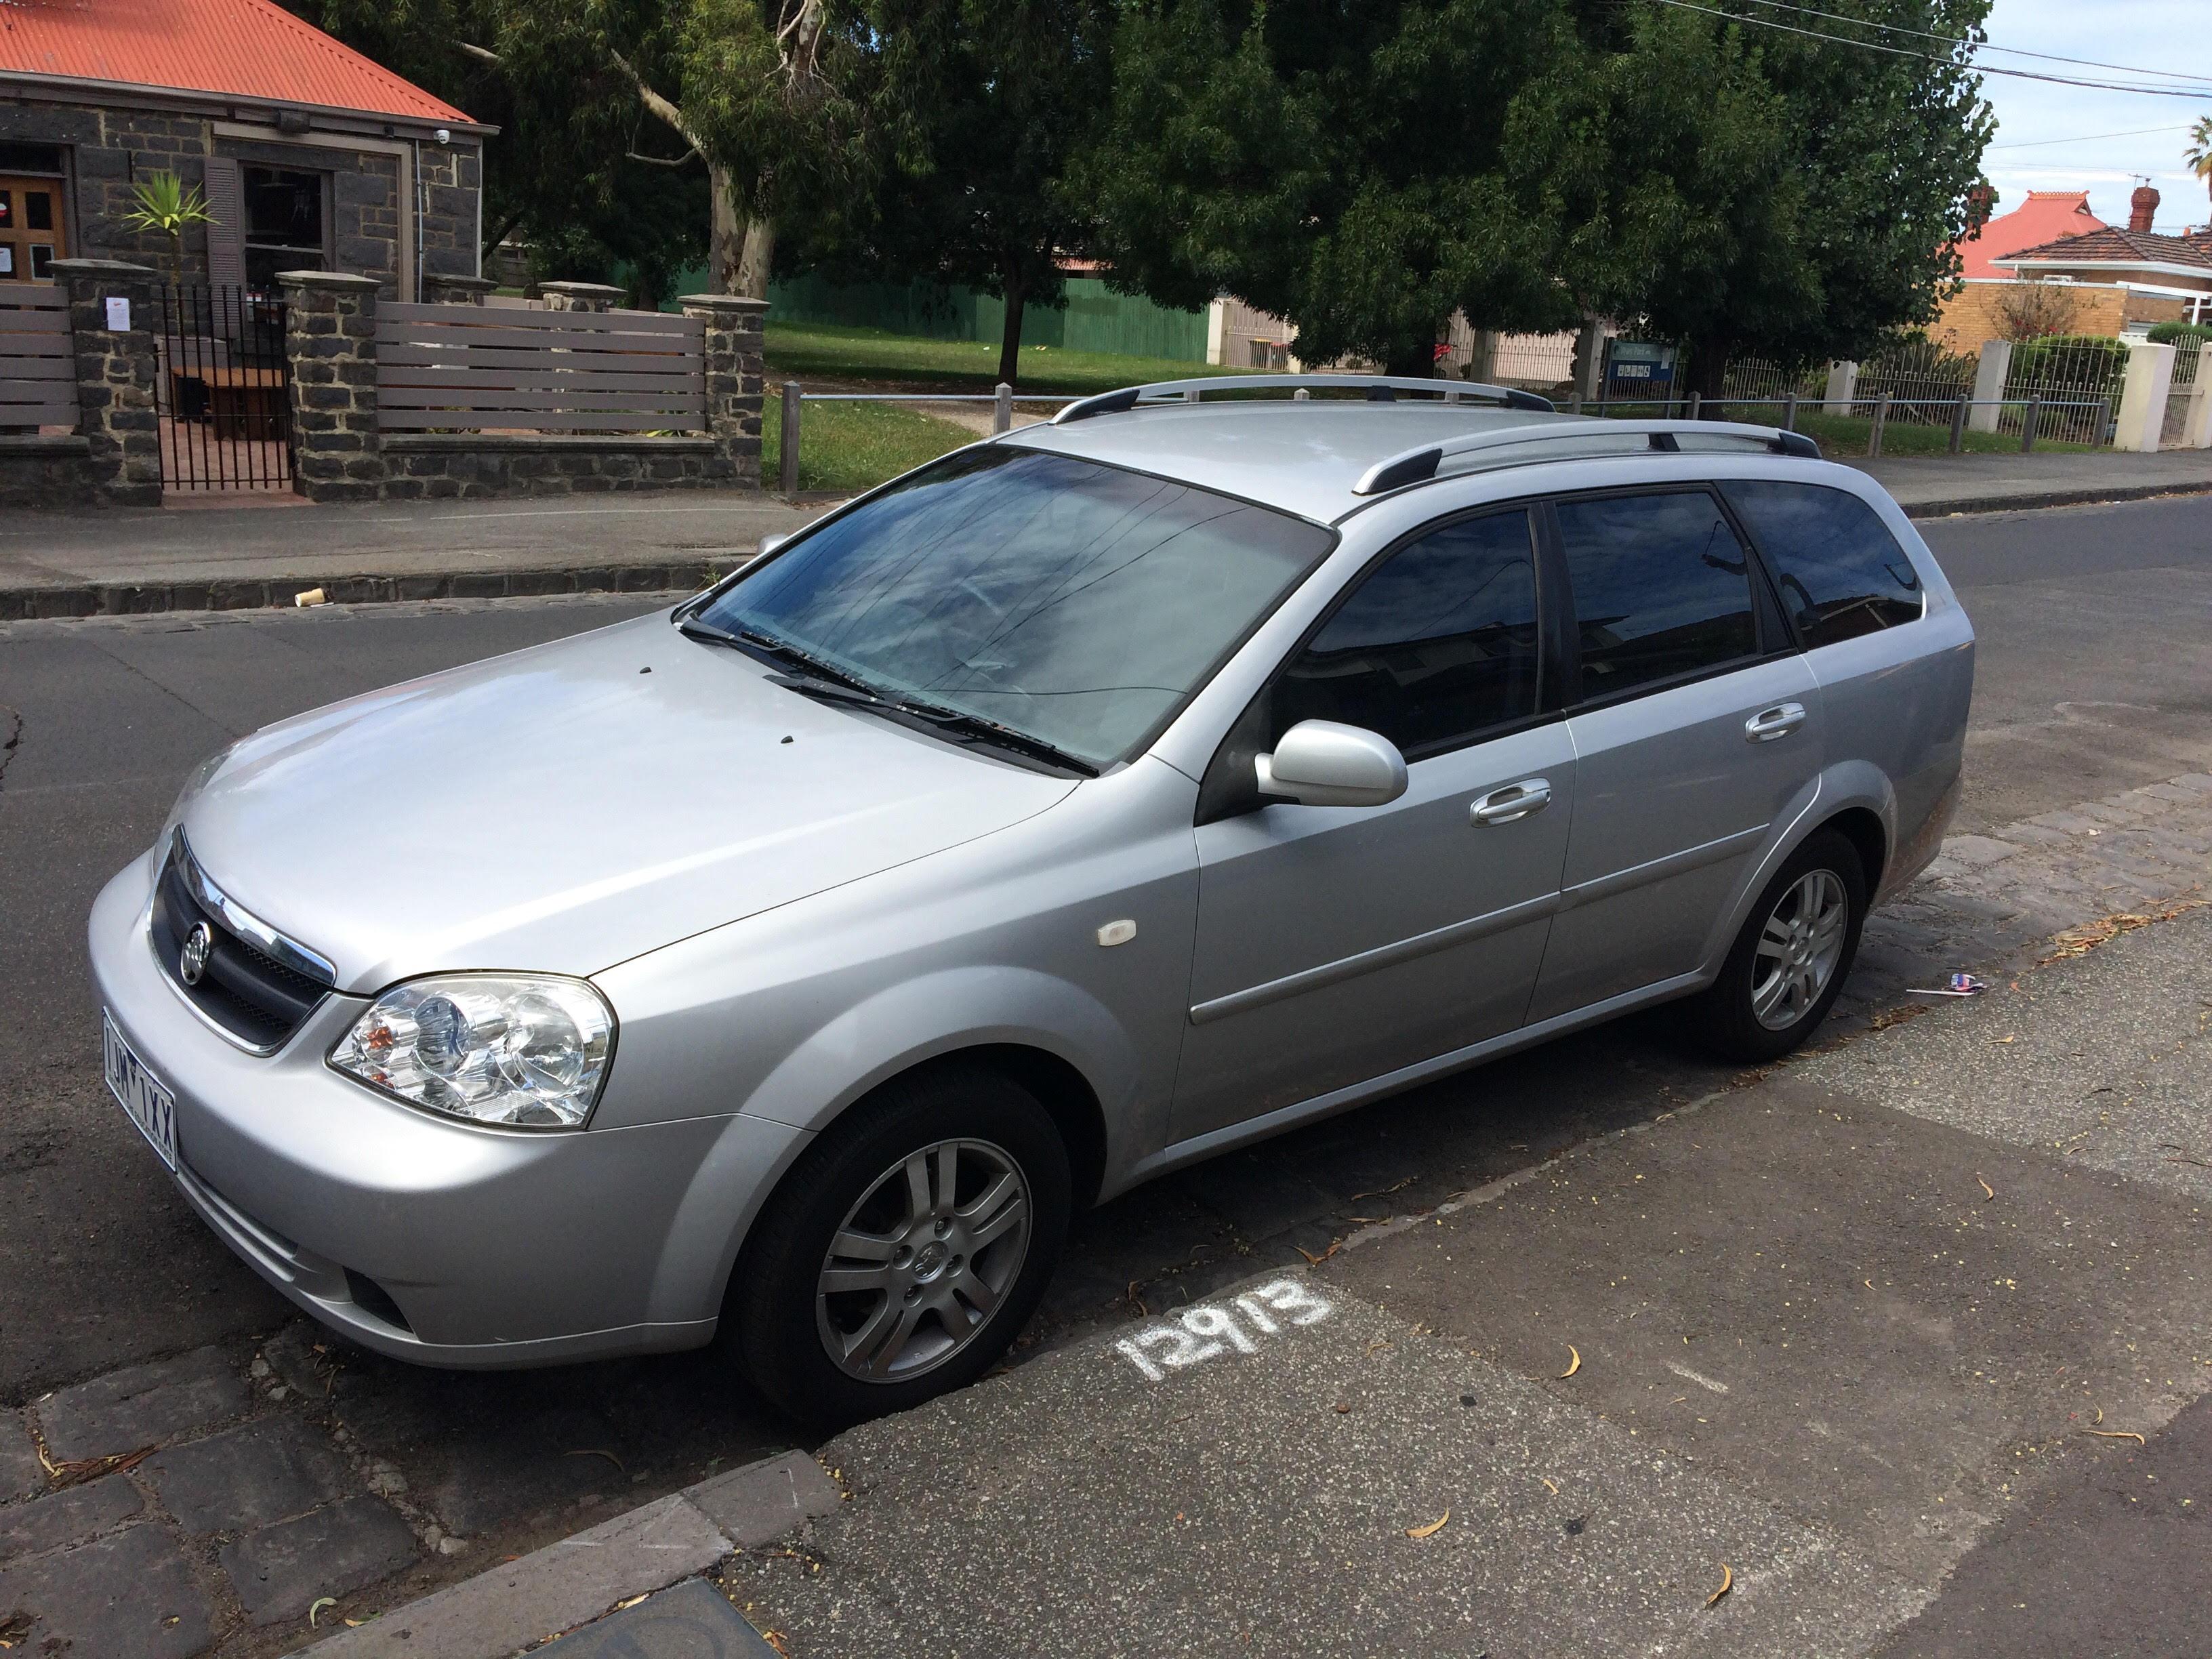 Picture of Junbin's 2006 Holden Viva